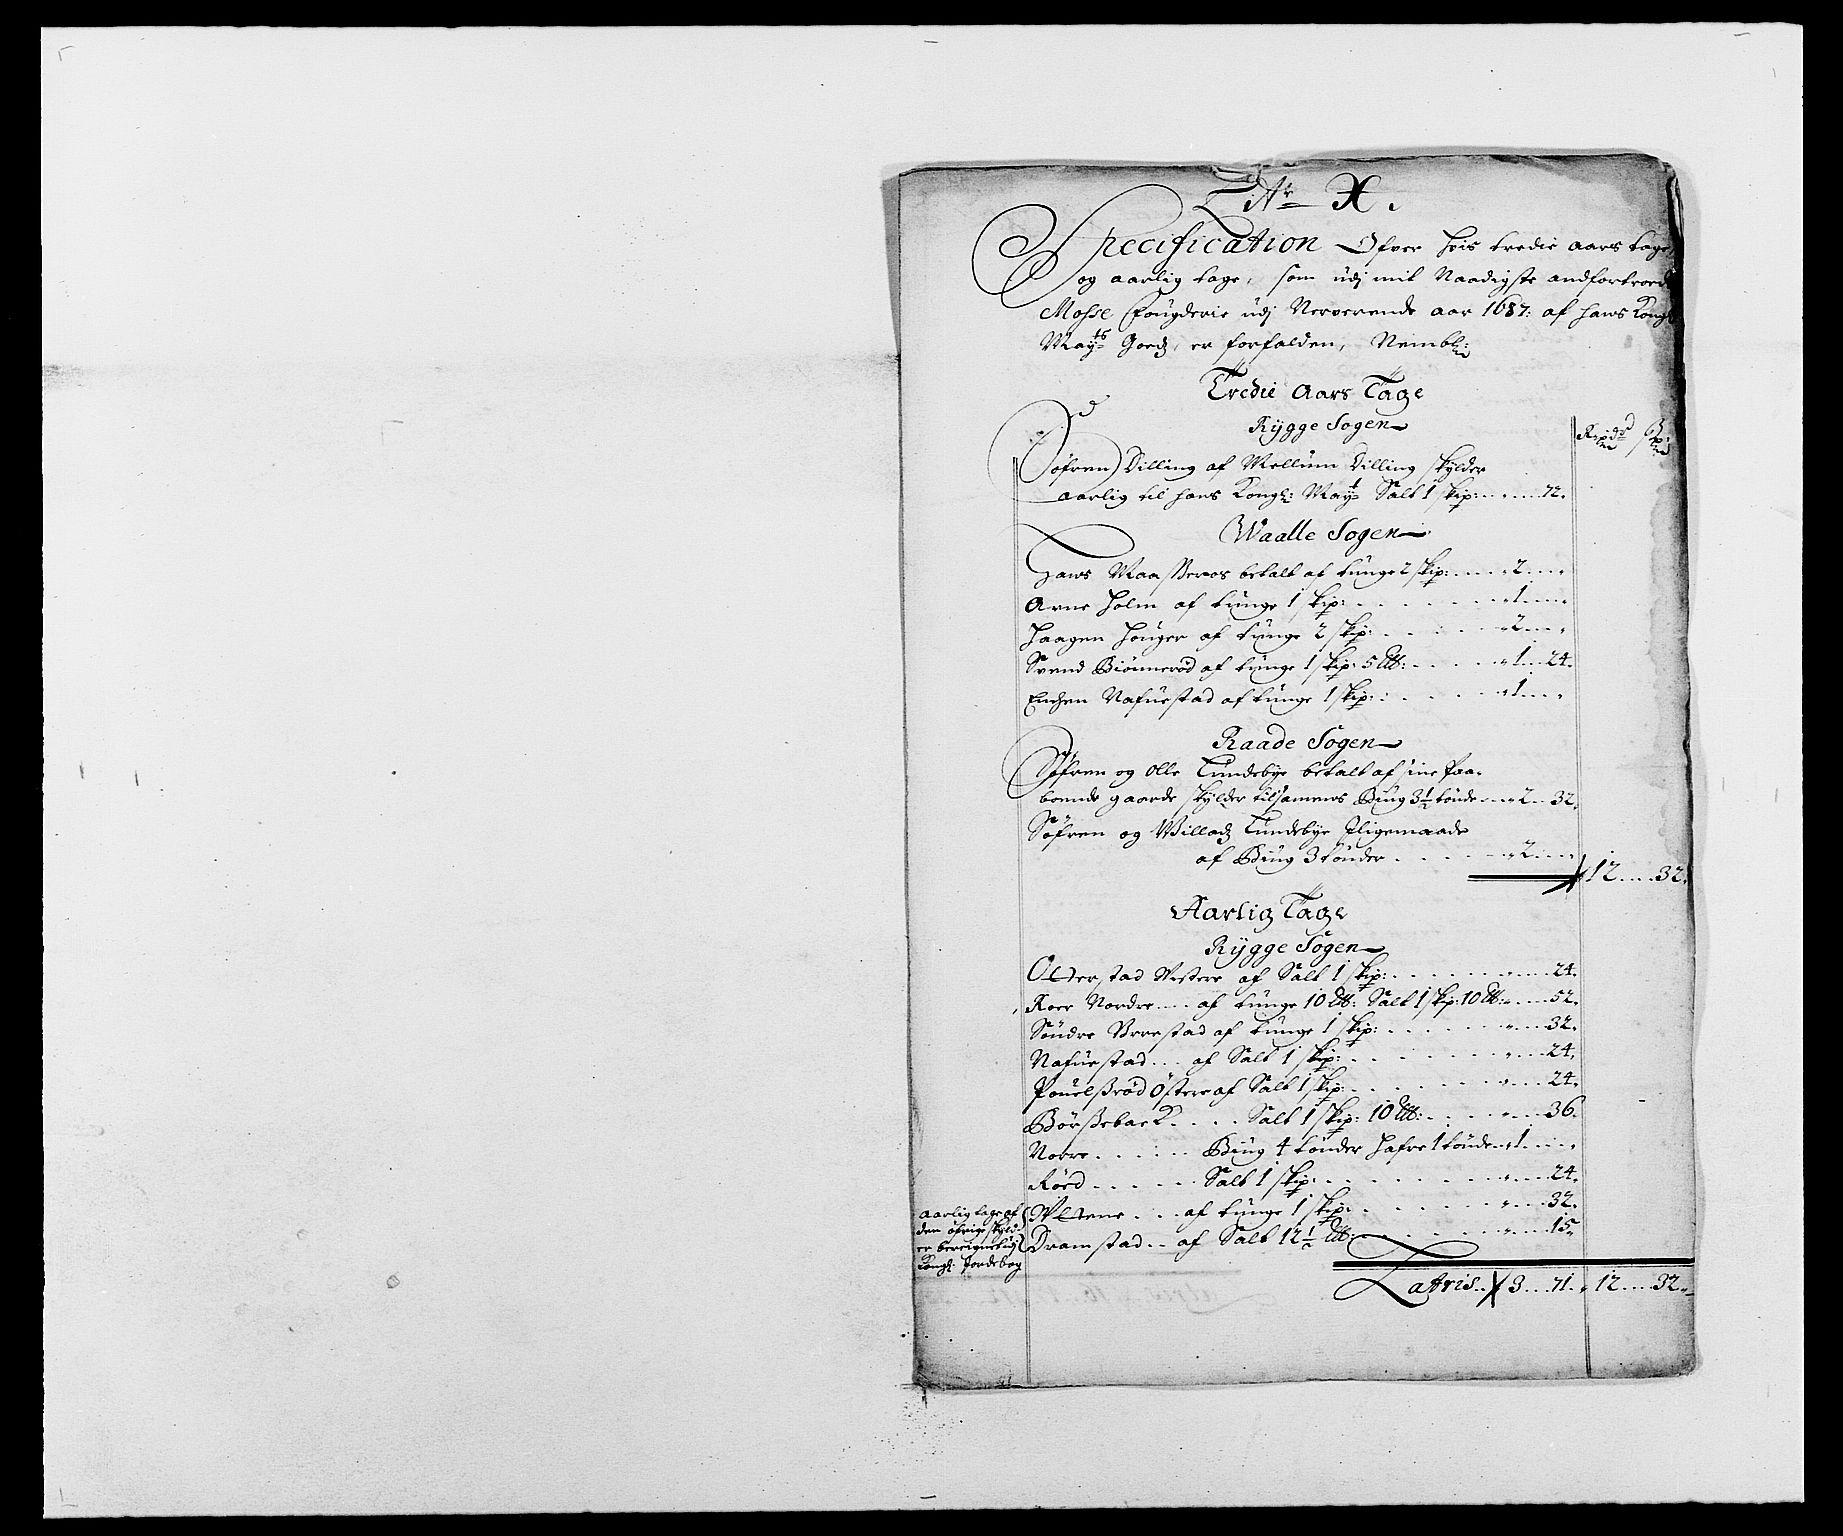 RA, Rentekammeret inntil 1814, Reviderte regnskaper, Fogderegnskap, R02/L0105: Fogderegnskap Moss og Verne kloster, 1685-1687, s. 320